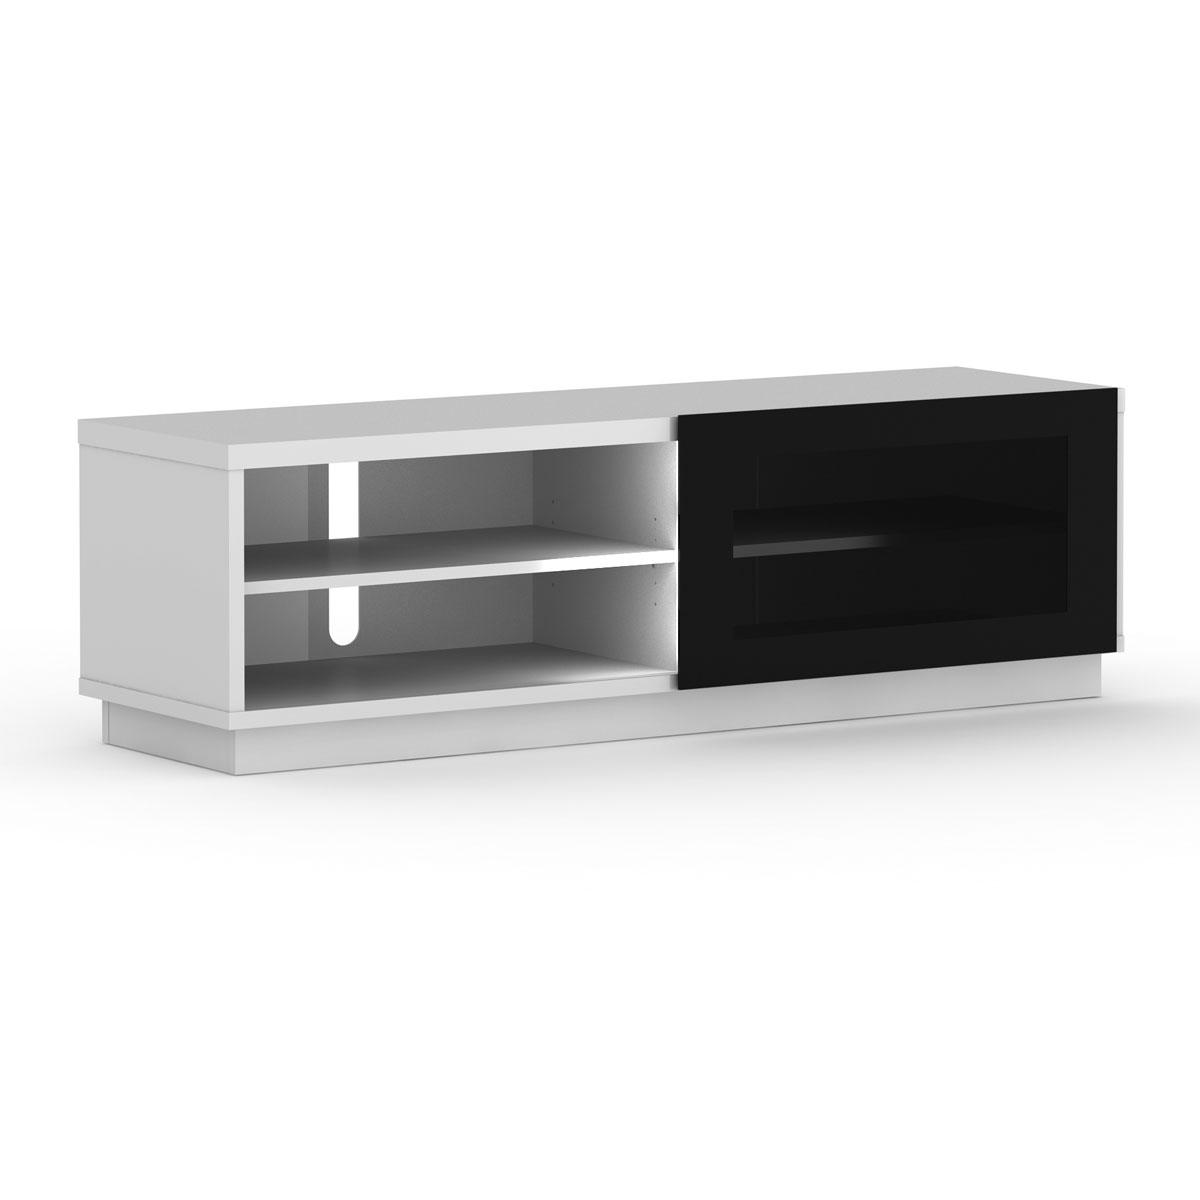 Elmob harmony ha 160 04 blanc ha 160 04 white achat vente meuble tv sur - Meuble pour ecran plat ...